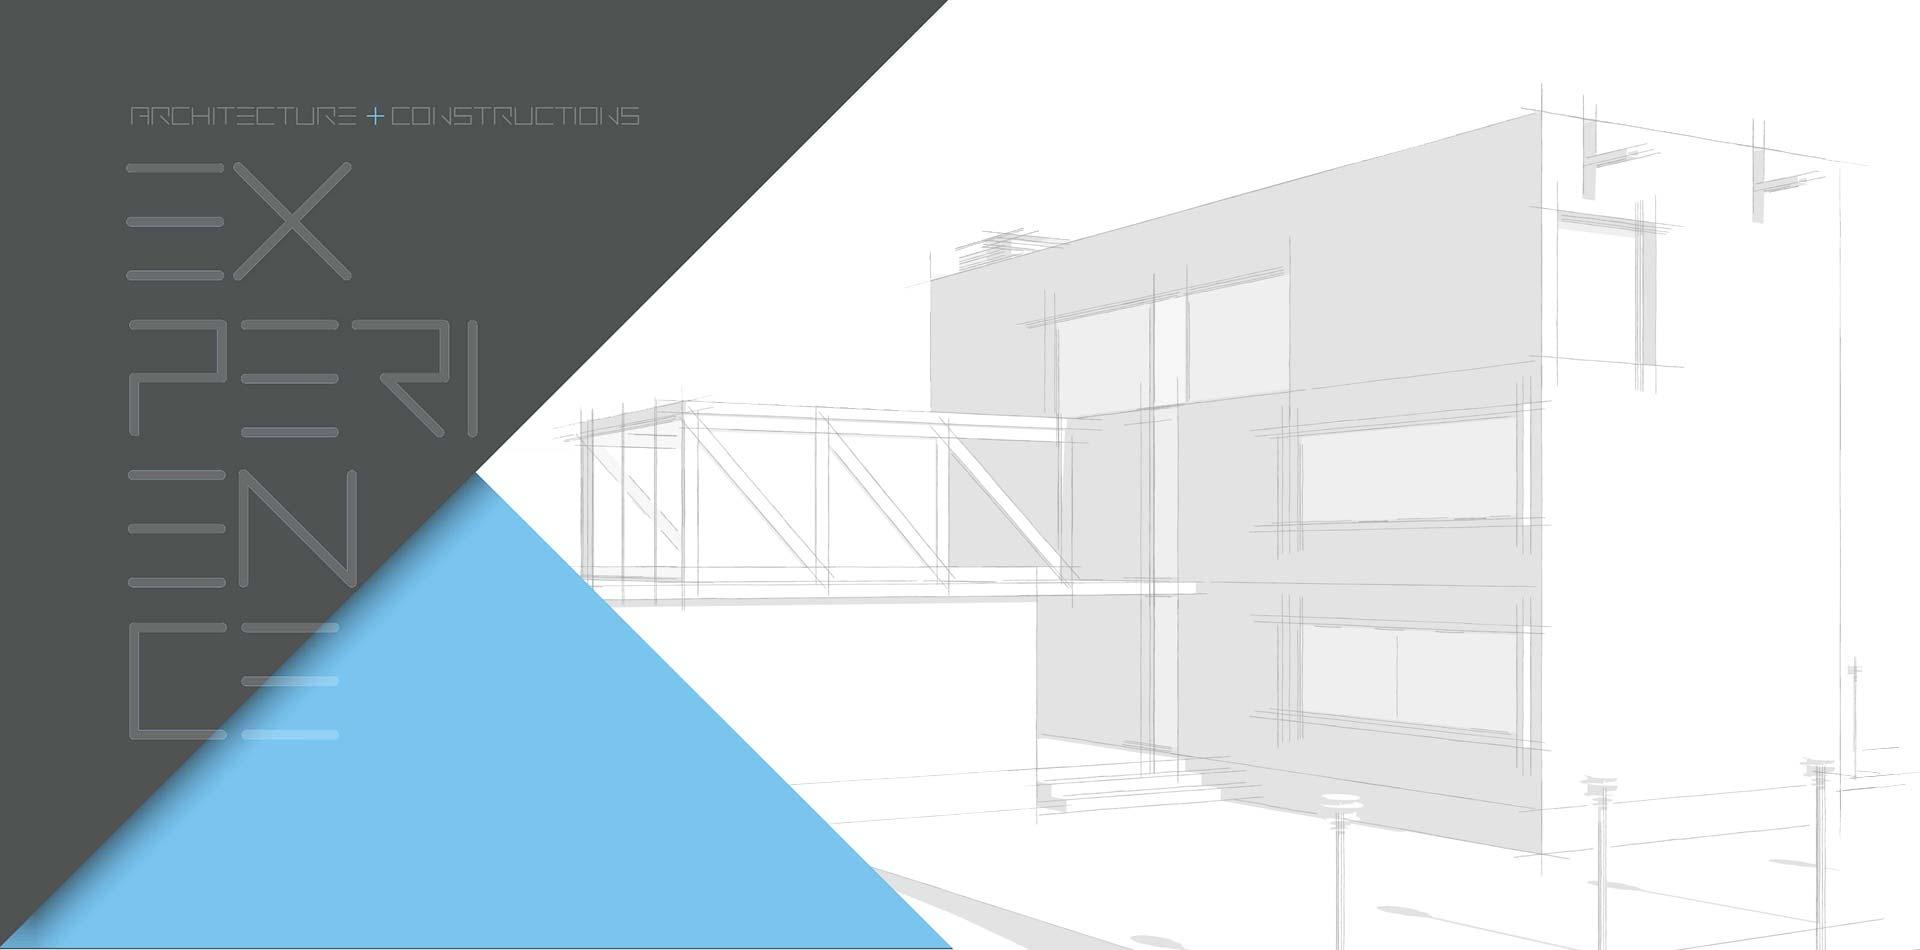 Κουλουκούρης και Συνεργάτες | Architecture And Constructions